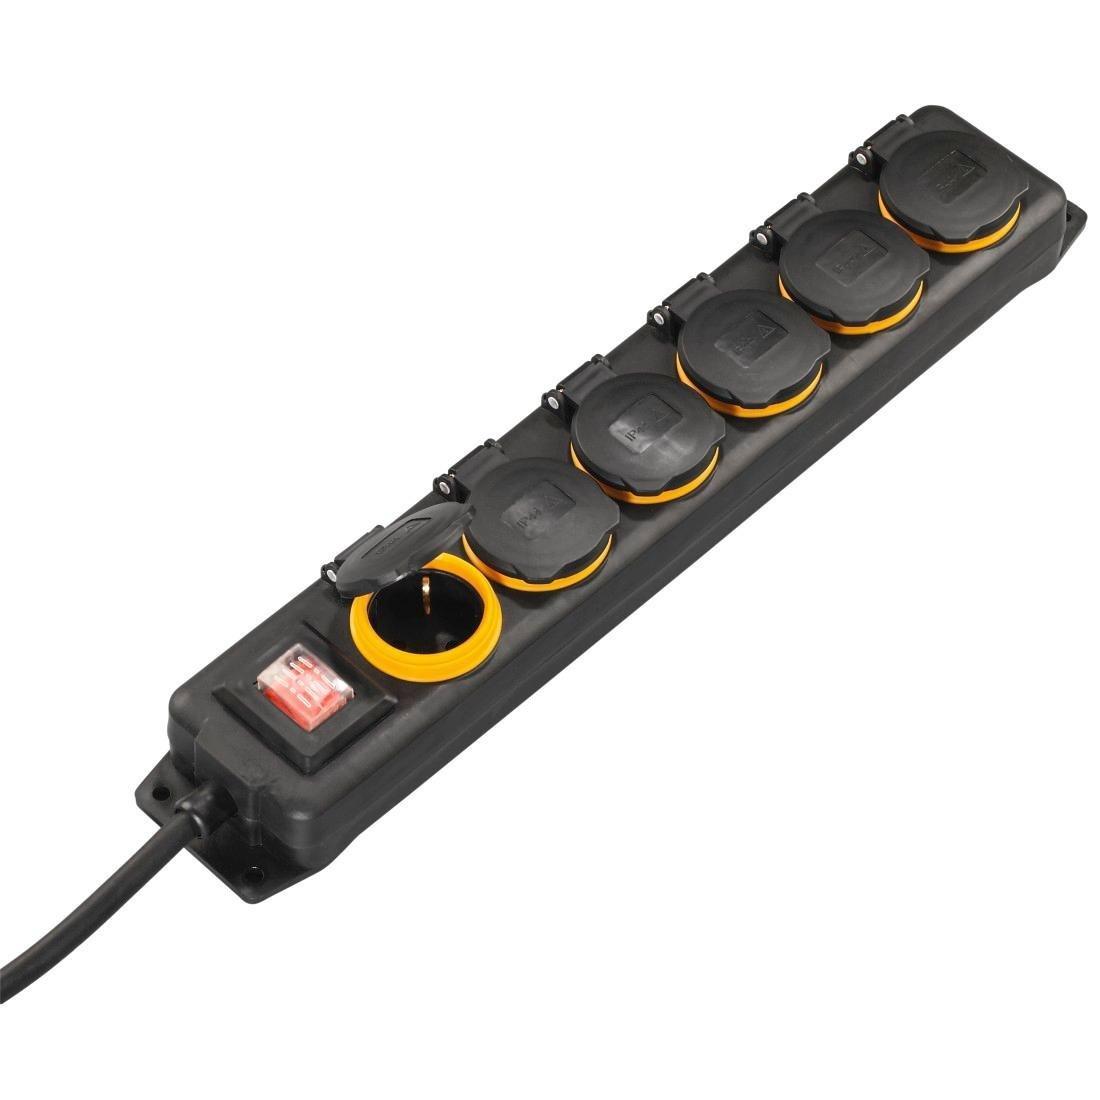 (Amazon) Hama Outdoor Steckdosenleiste mit Schalter, 6-fach, 2m IP44